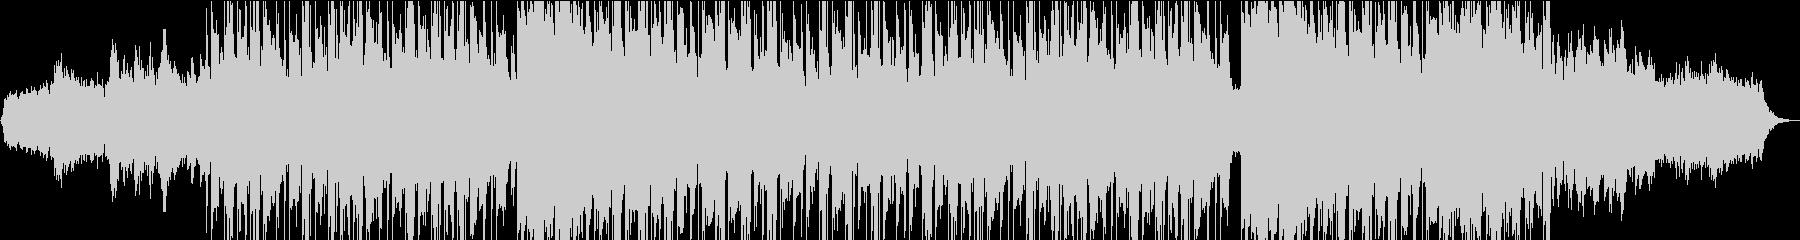 ダークでエッジの効いた最先端テクノの未再生の波形